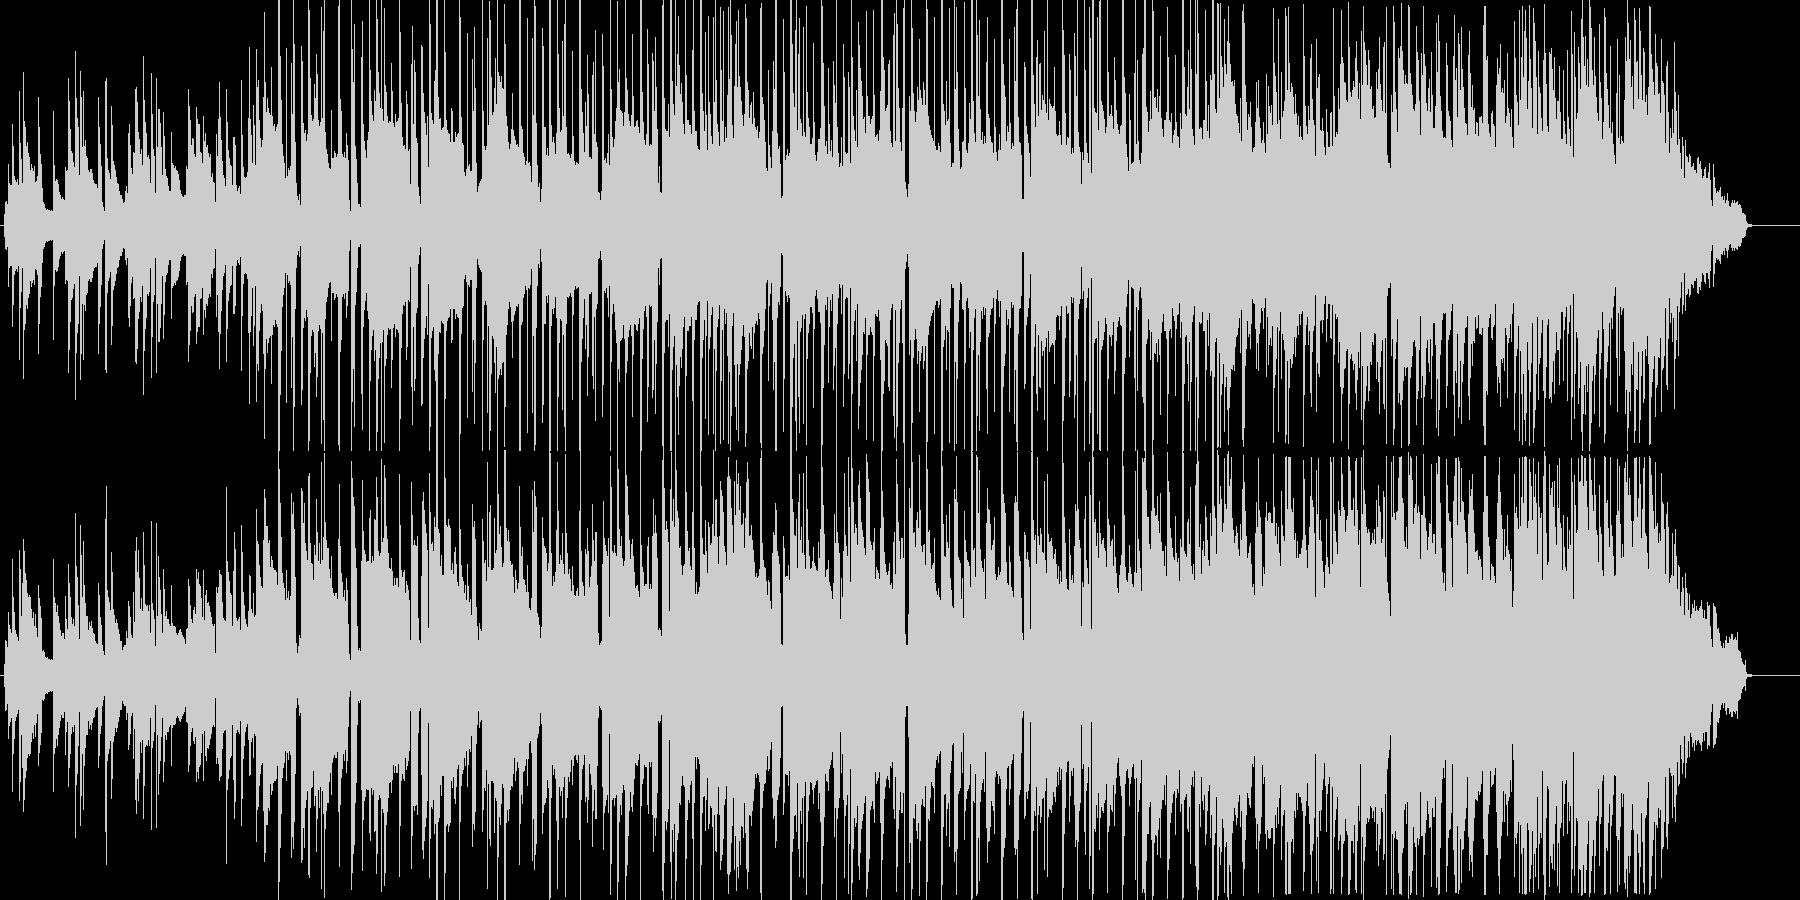 ちょっと切ないブルジーサウンドの未再生の波形